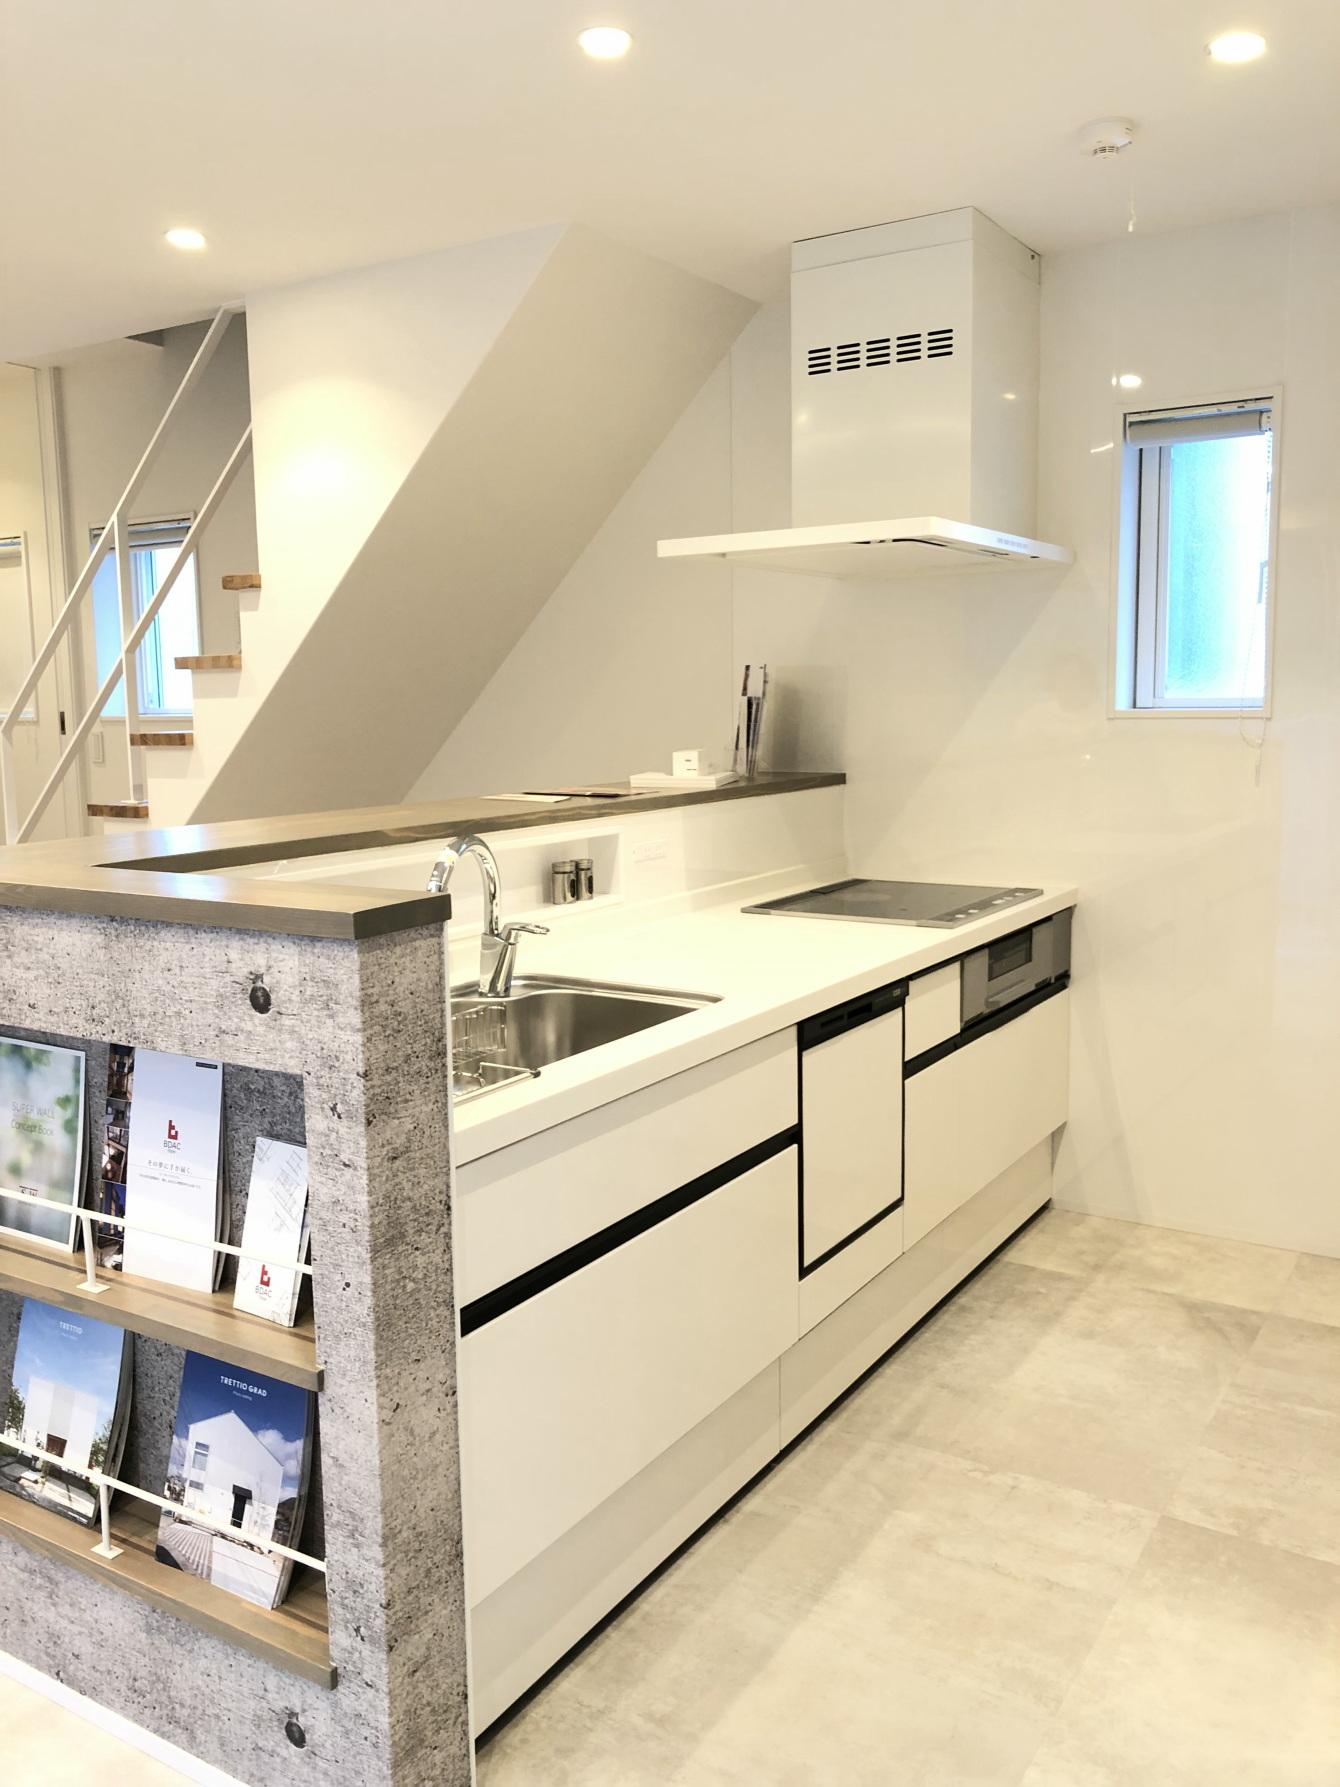 田村市の施工例、コンパクト&北欧デザインの家キッチン